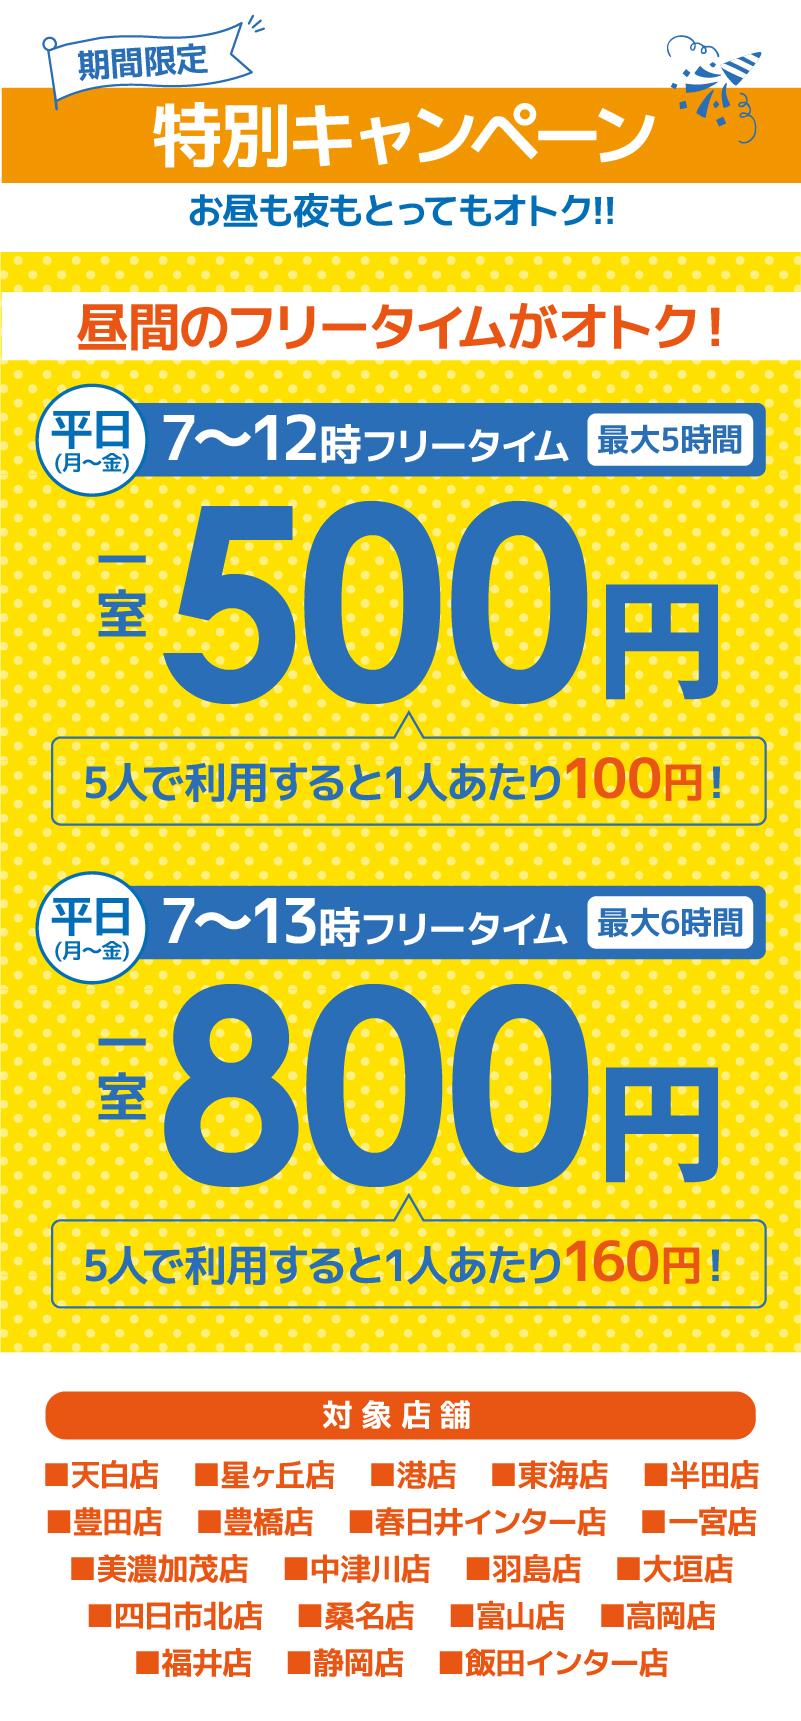 特別キャンペーン 平日7~12時フリータイム一室500円 7~13時フリータイム1室800円